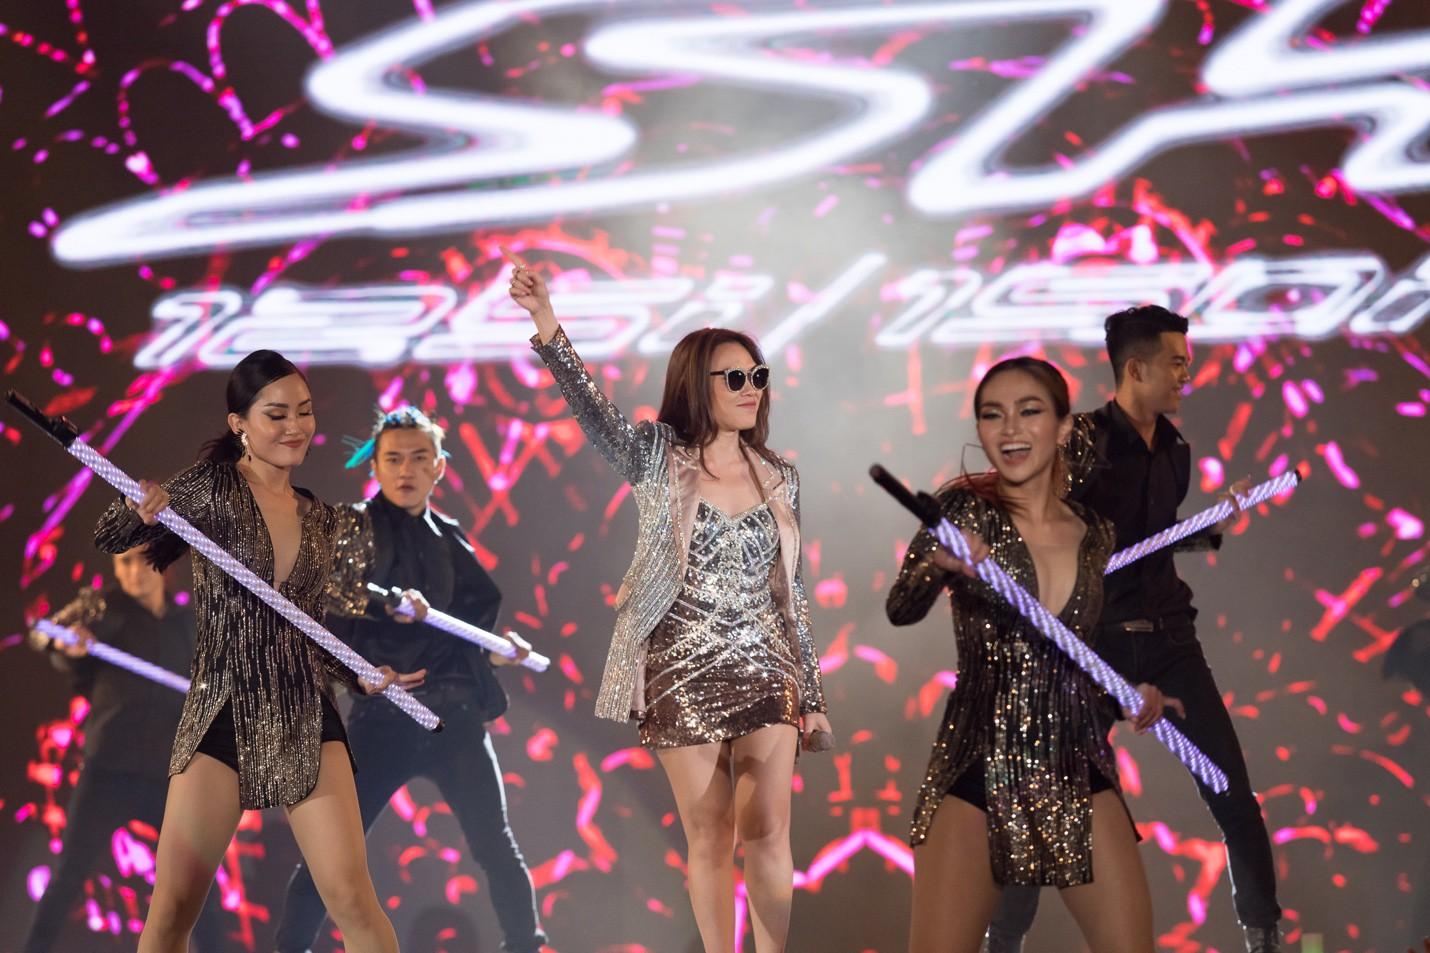 """Mỹ Tâm, Noo Phước Thịnh, Bích Phương và dàn sao """"khủng"""" cháy hết mình cùng hơn 36.000 khán giả tại đêm nhạc công nghệ - Ảnh 10."""